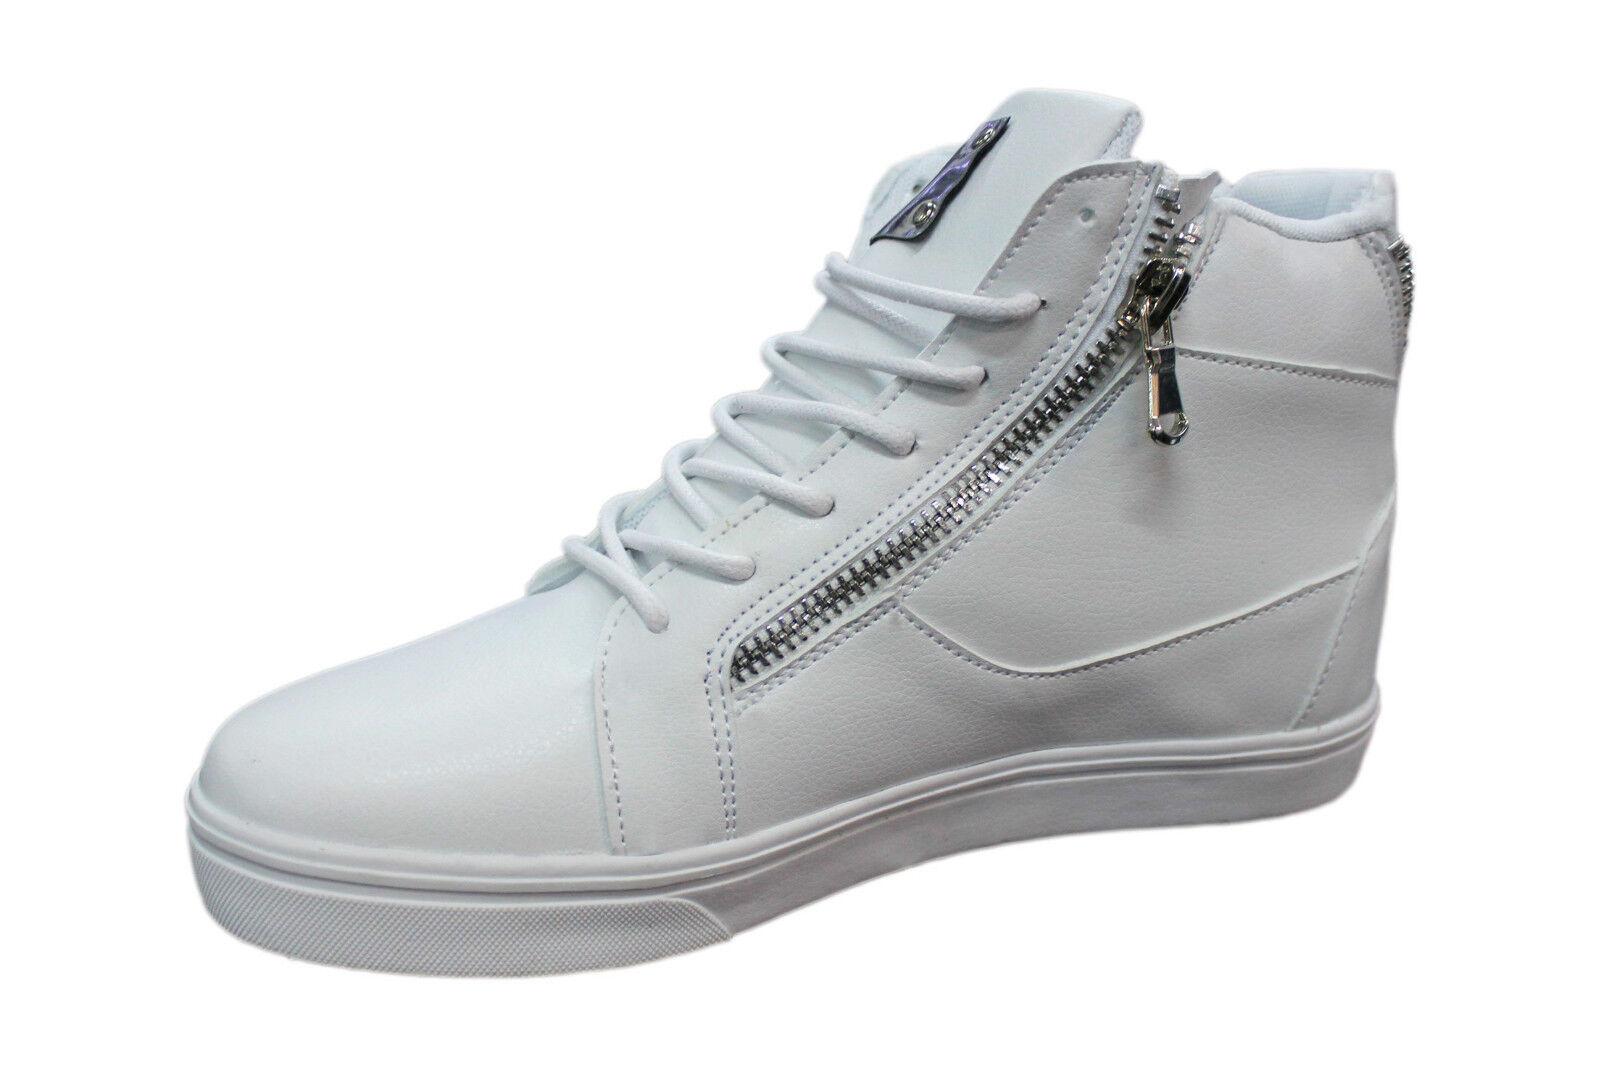 SNEAKERS shoes HOMME CUIR ÉCOLOGIQUE white FERMETURE ÉCLAIR LACETS SPORTIF